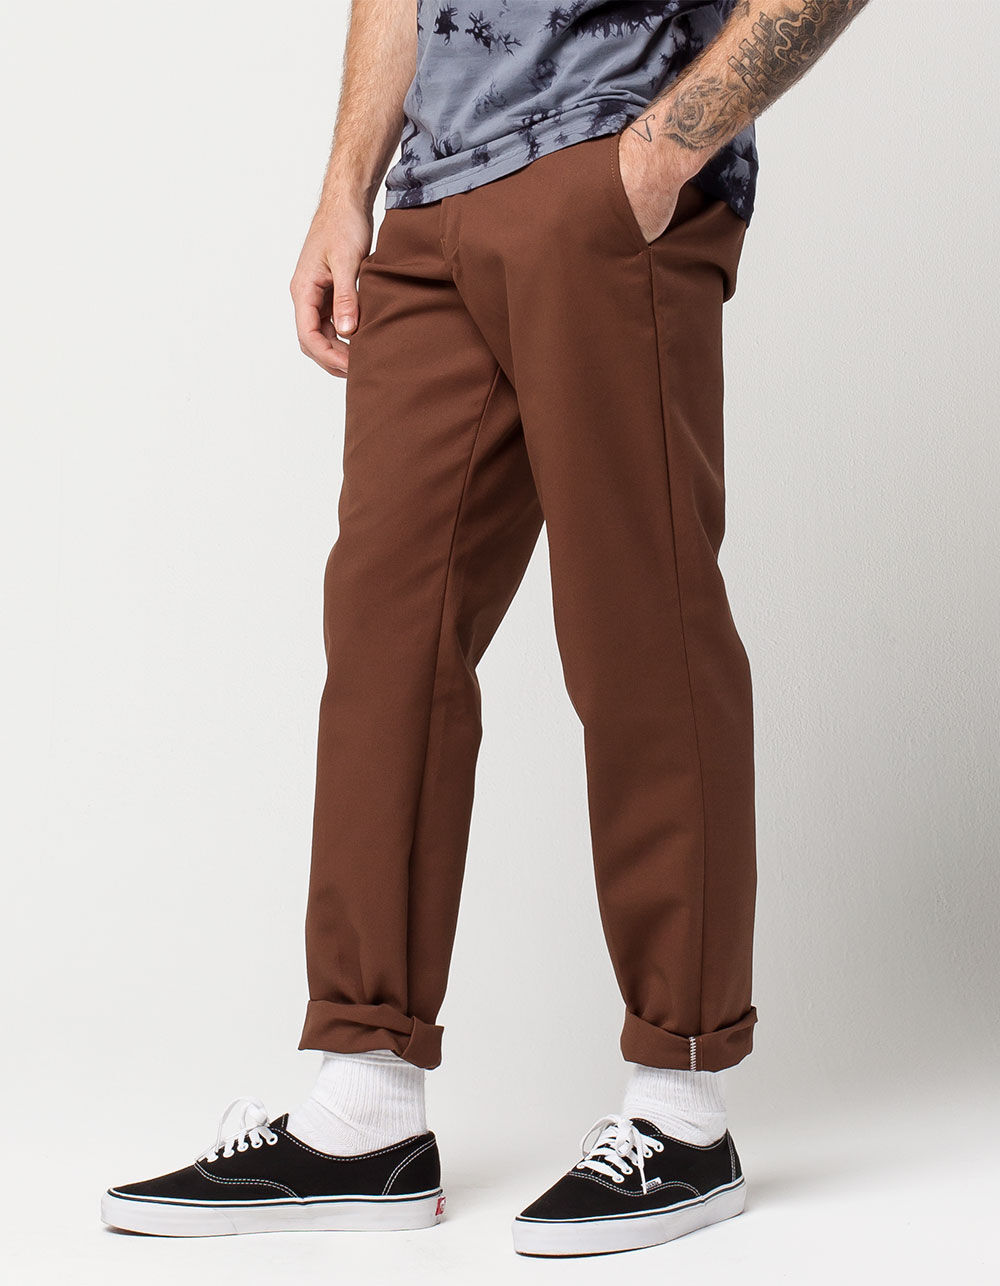 Image of DICKIES 850 SLIM TAPER FLEX TIMBER BROWN PANTS